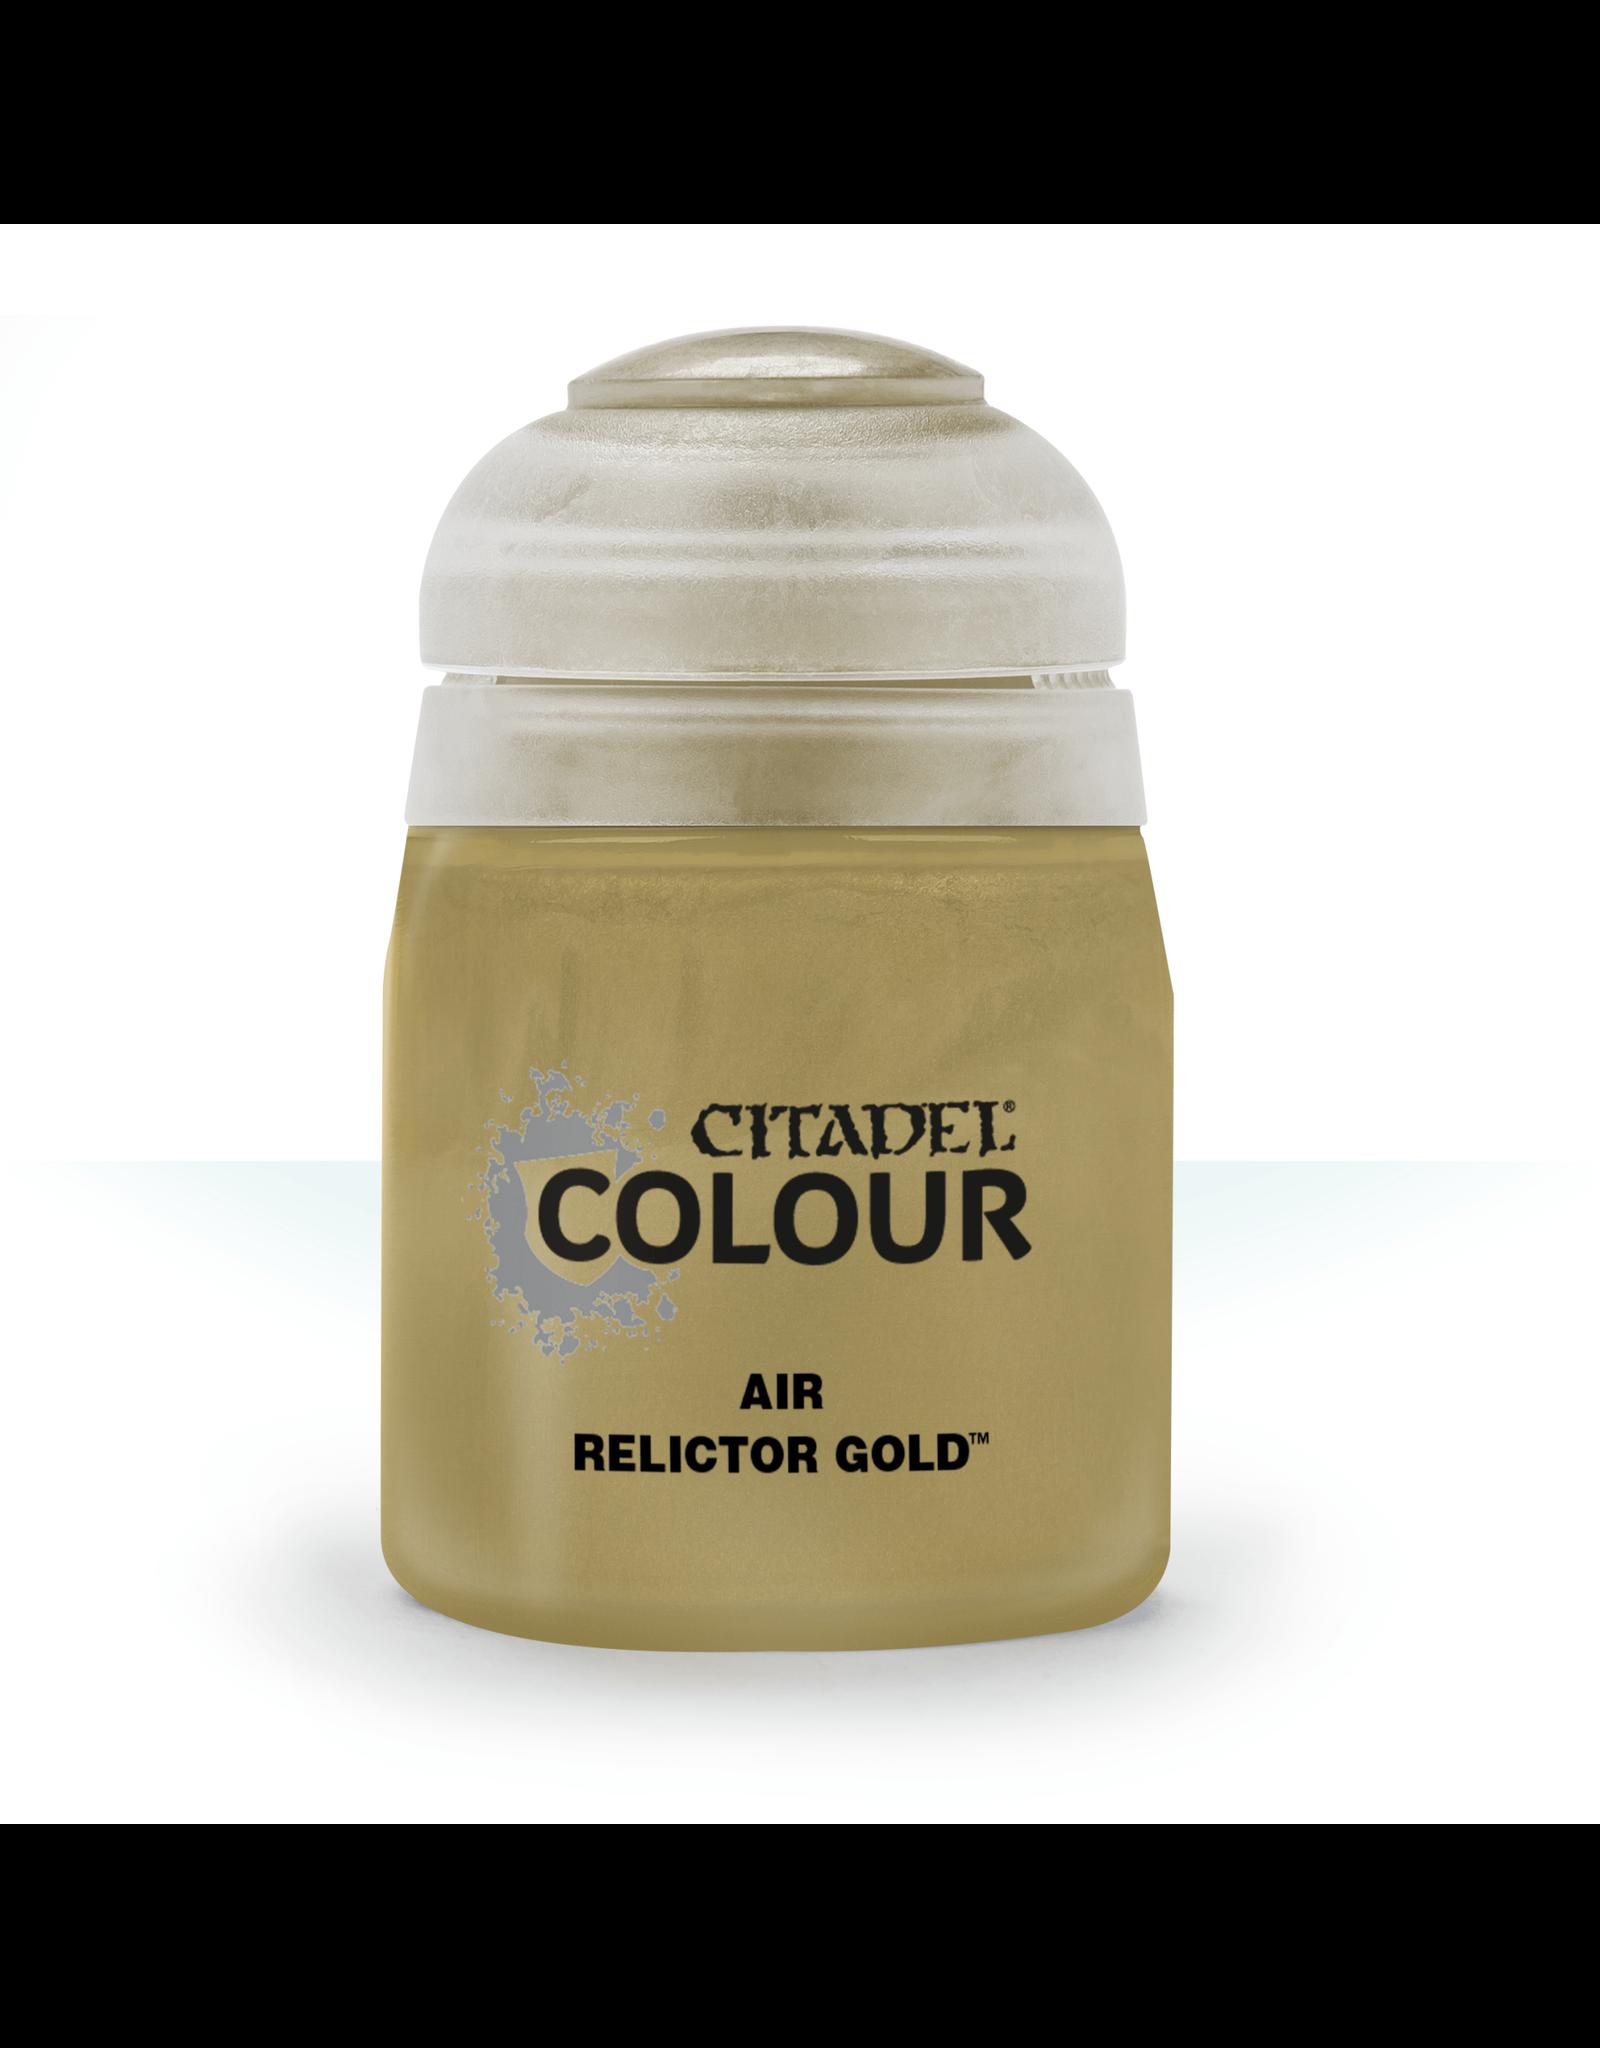 Citadel Citadel Paints Air Paint Relictor Gold